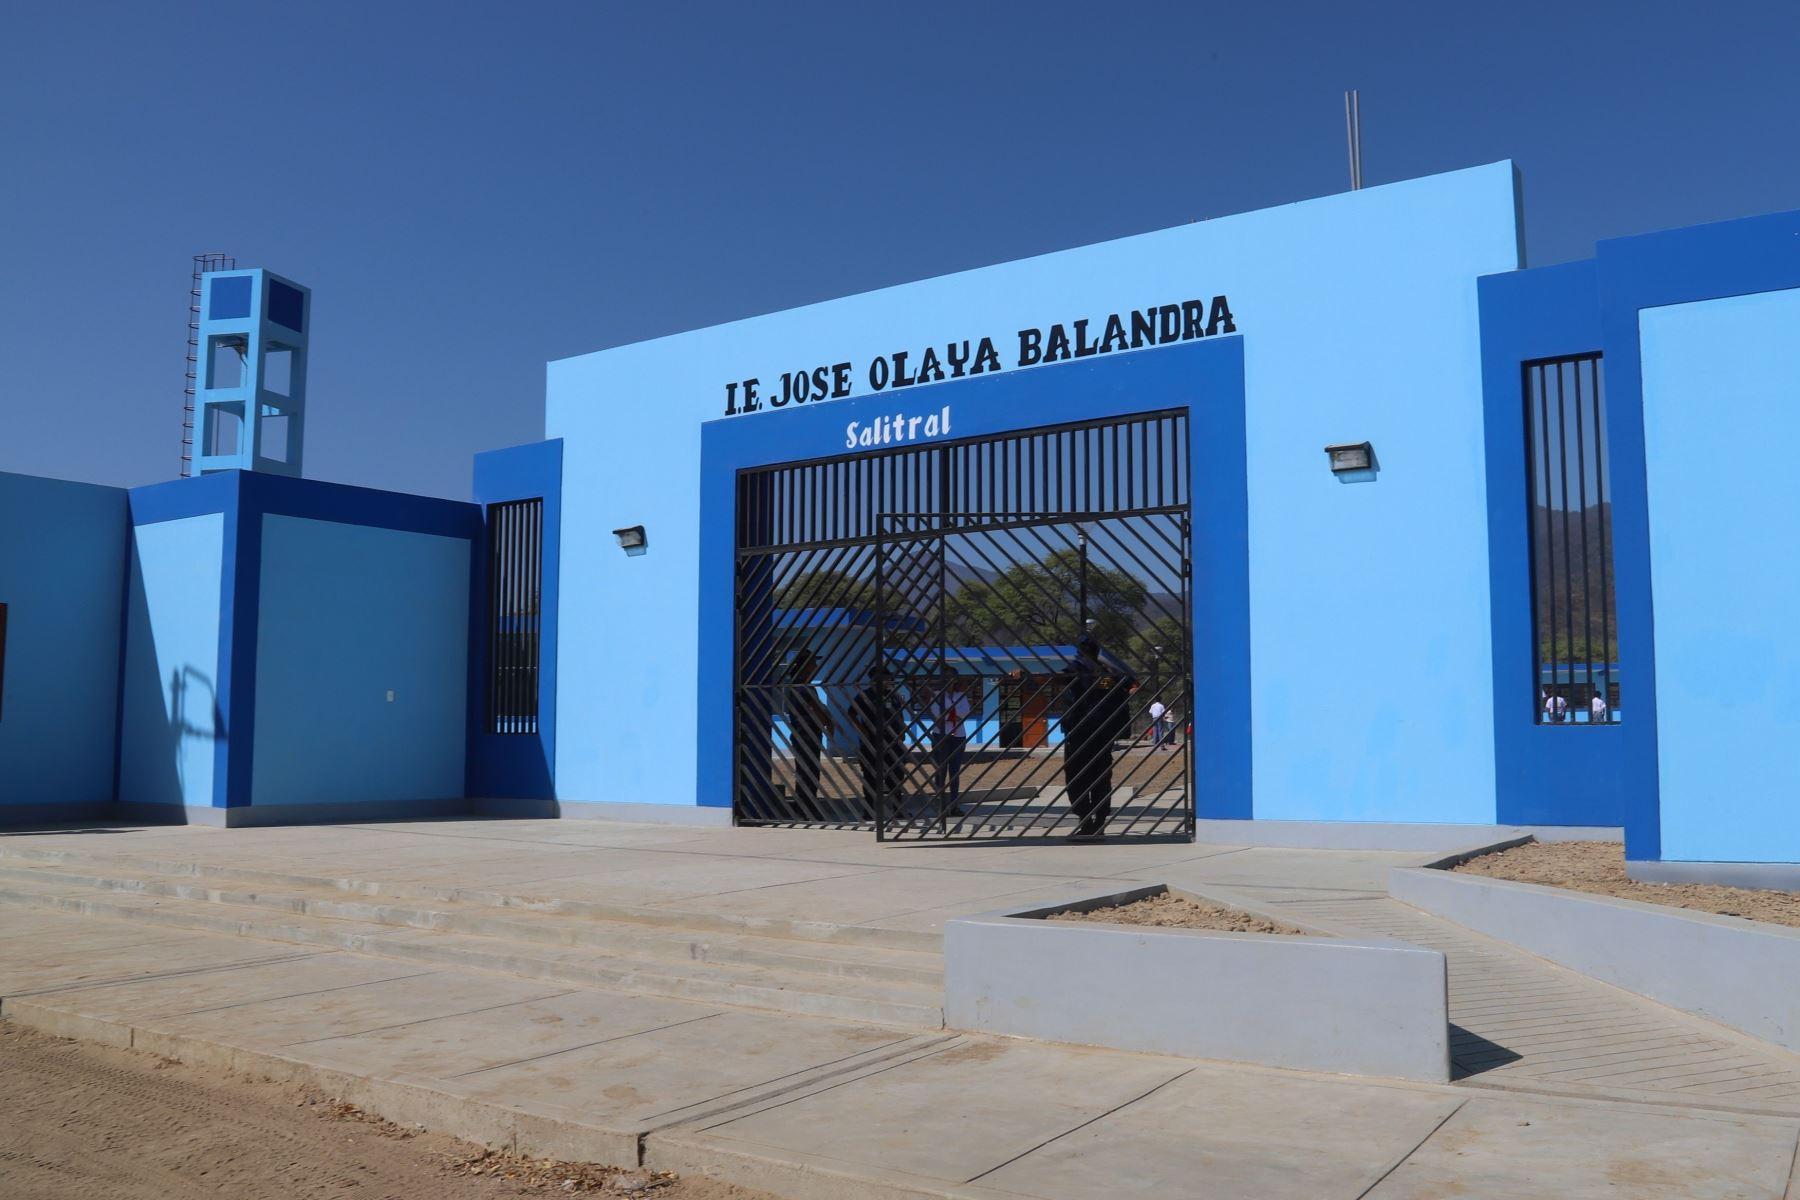 Transfieren recursos para refacción de colegios afectados por El Niño Costero.